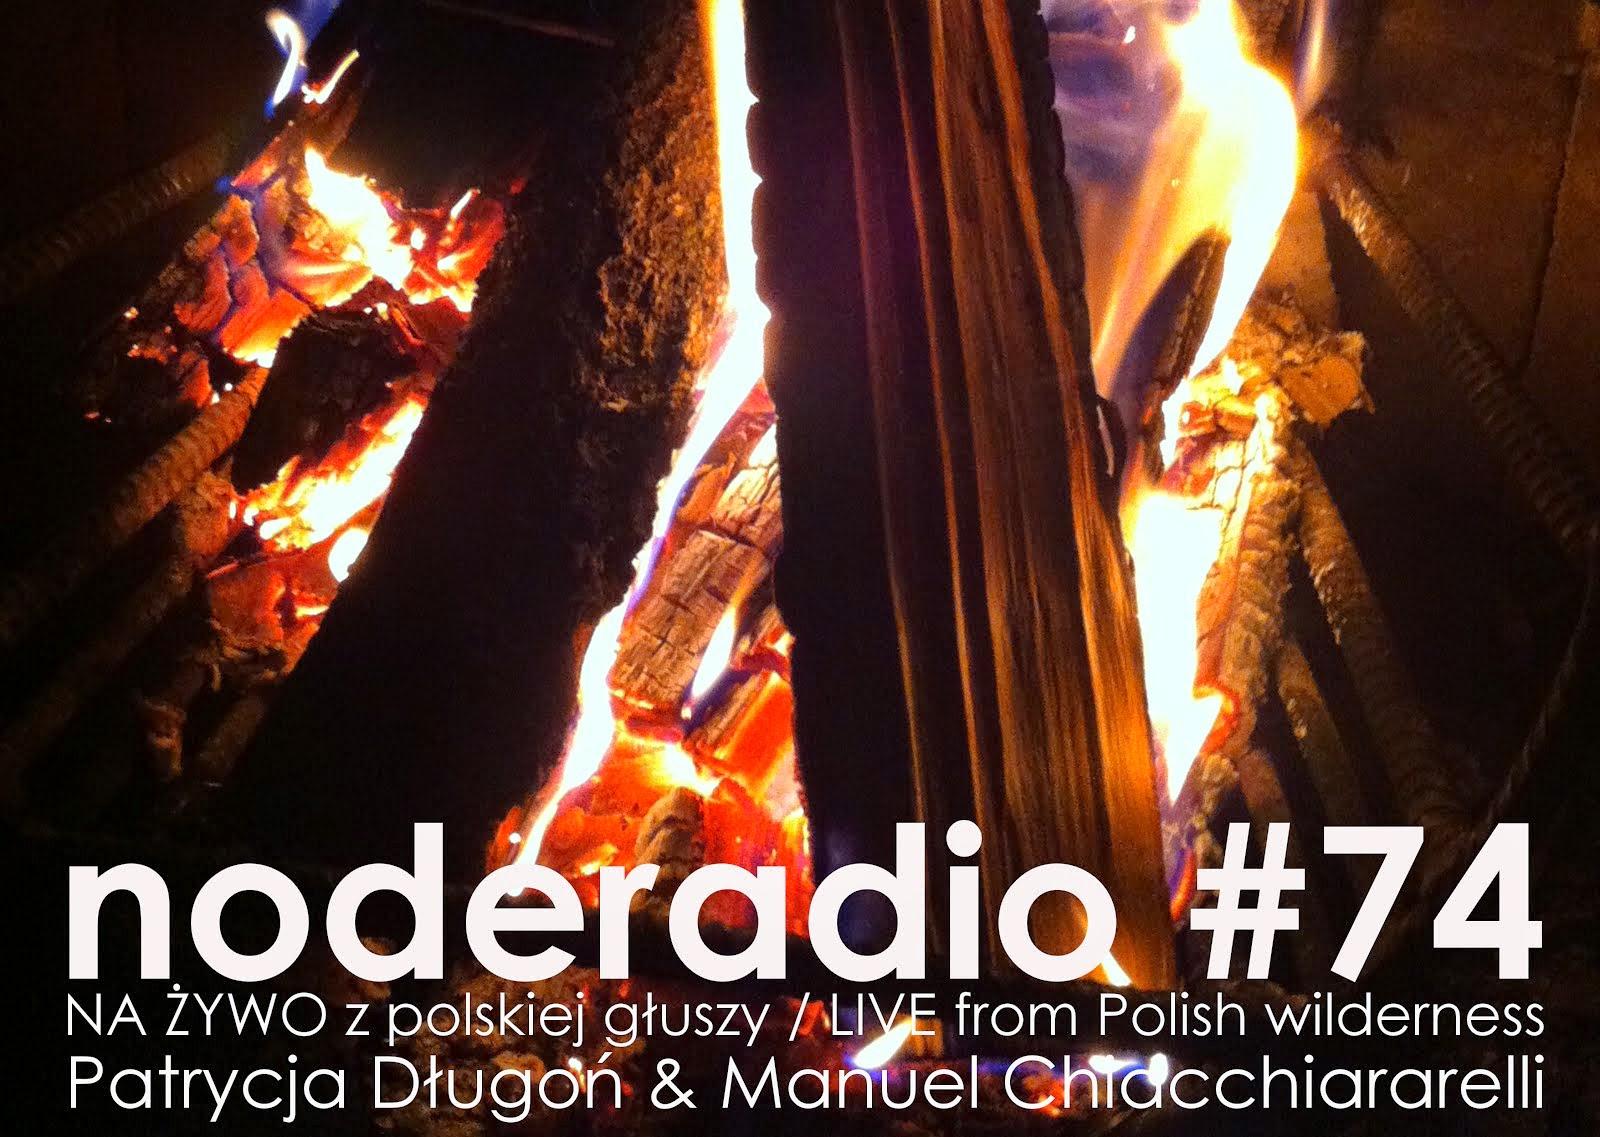 From Polish wilderness * Z polskiej głuszy